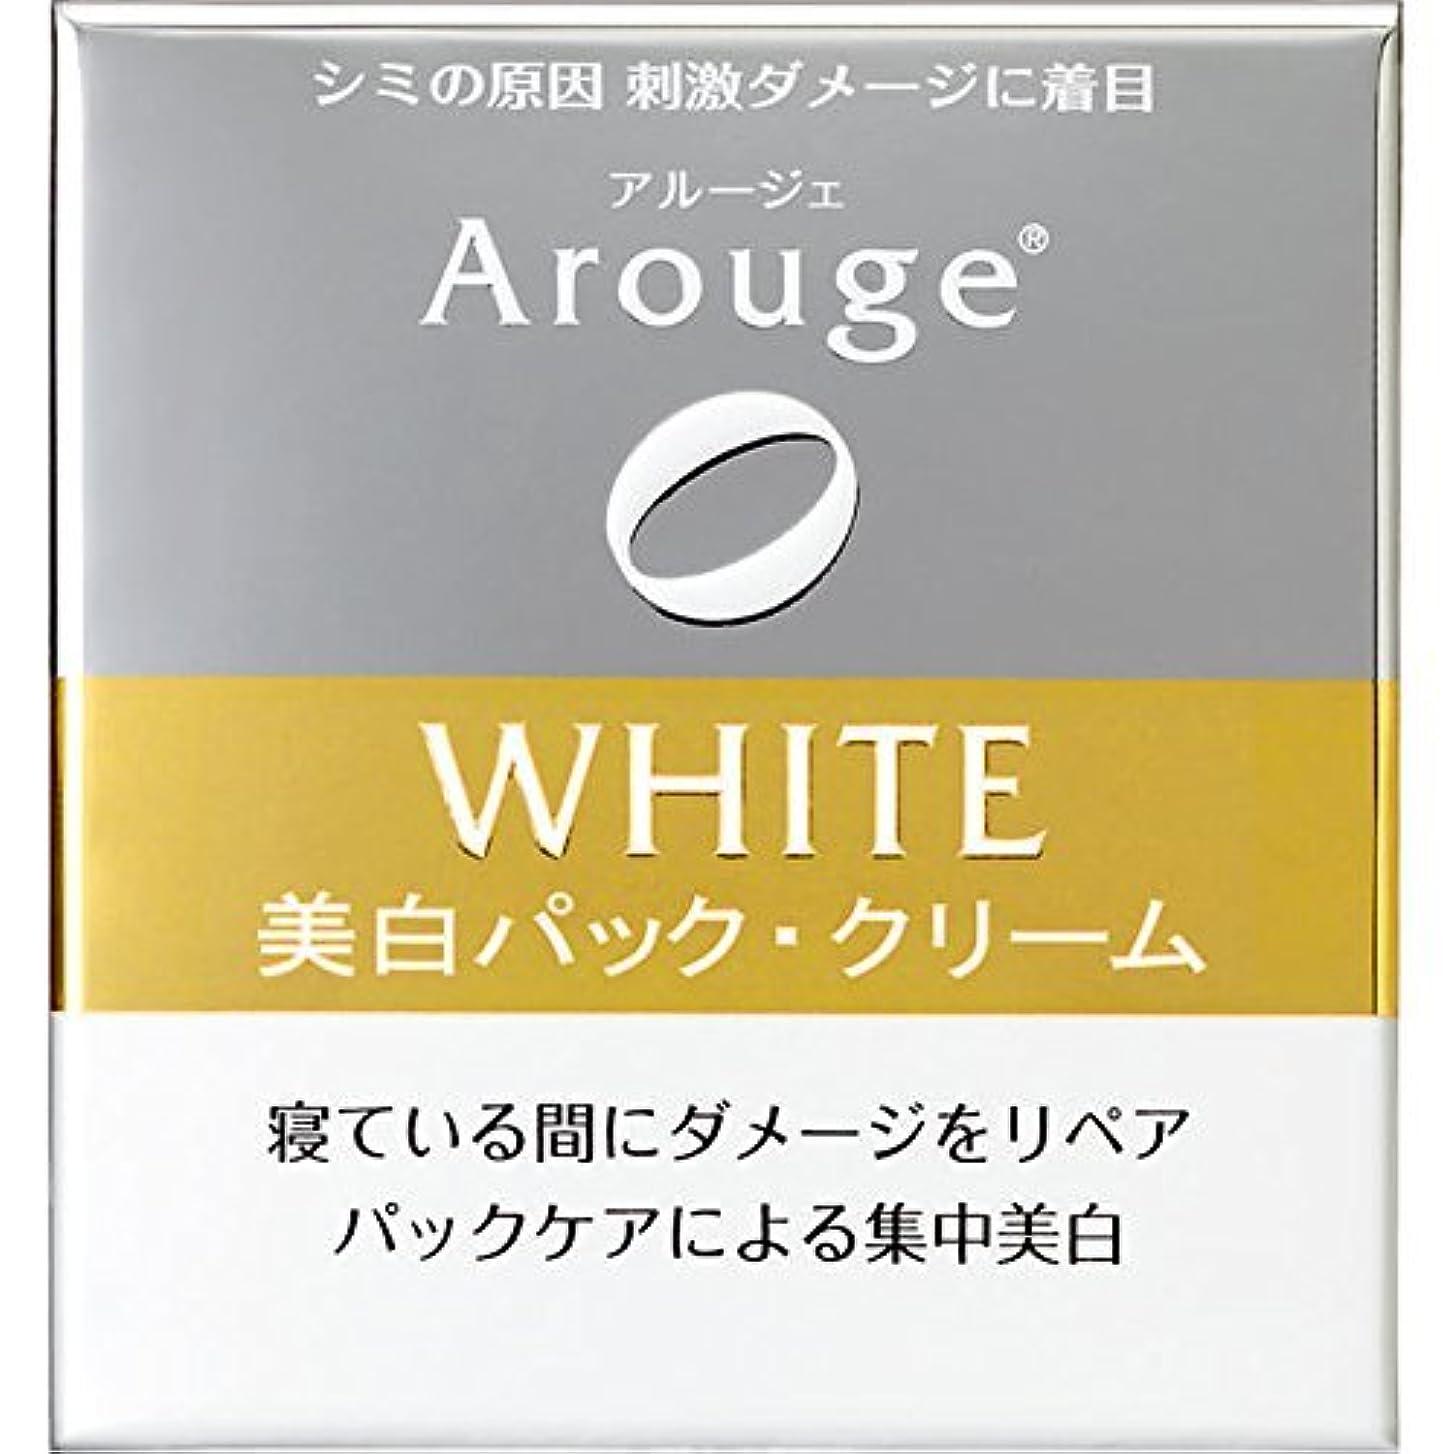 ハチアクチュエータ変数アルージェ ホワイトニングリペアクリーム 30g